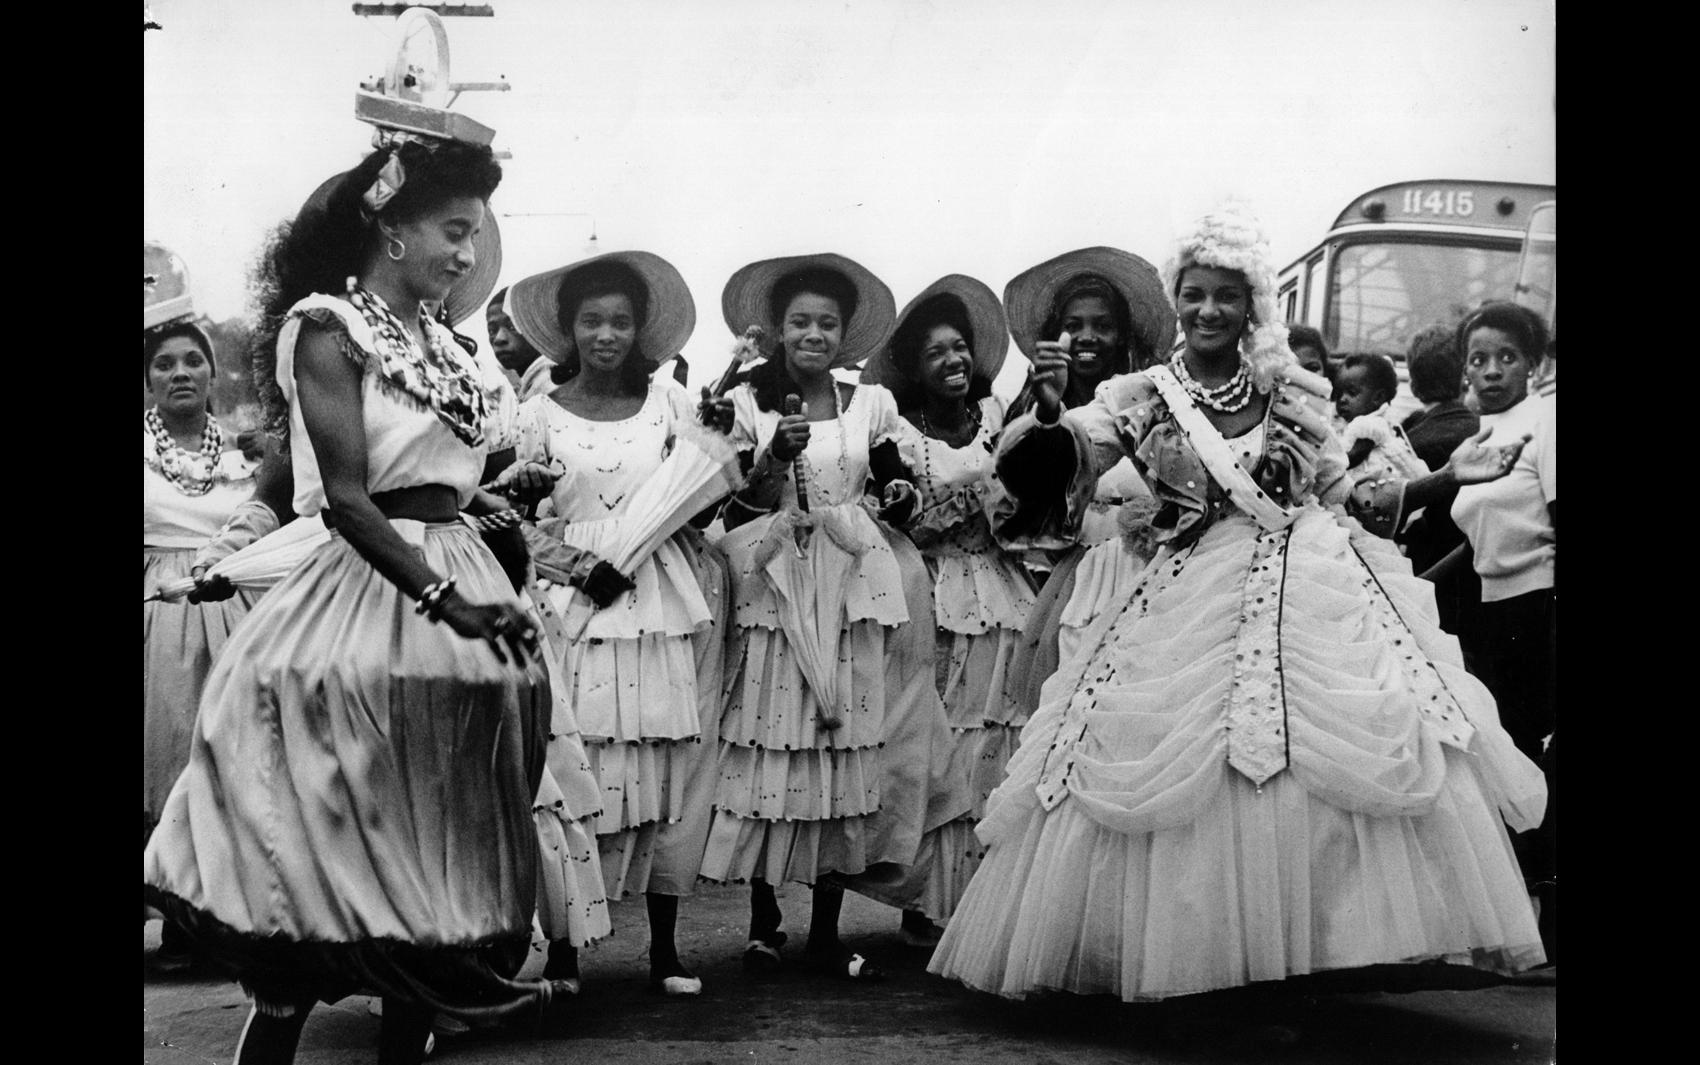 Foliões se divertem no carnaval de rua no bairro da Vila Esperança, zona leste de São Paulo, em 1964